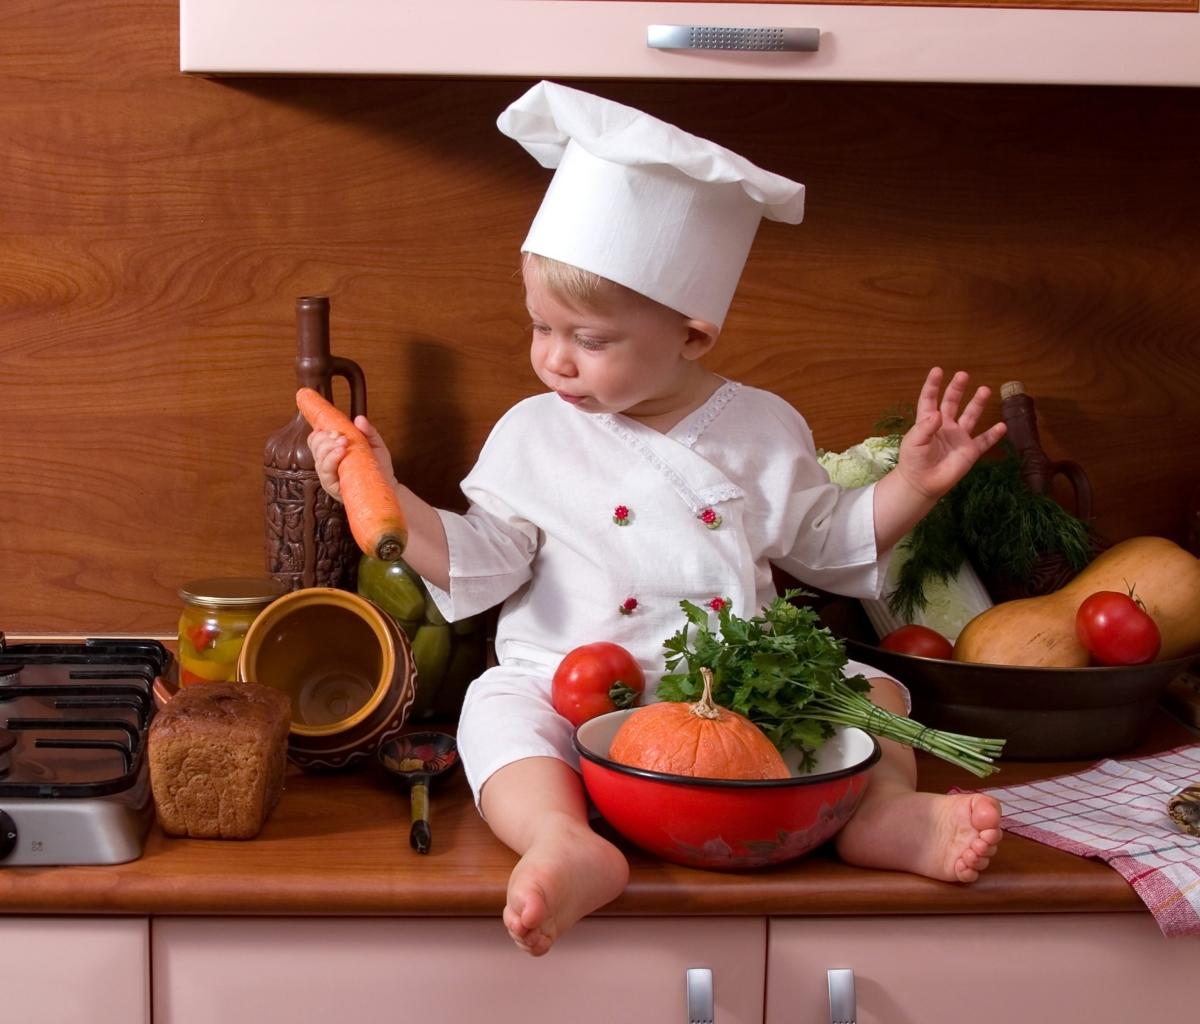 Веселые картинки про кулинарию, поздравляем папу снегурочка